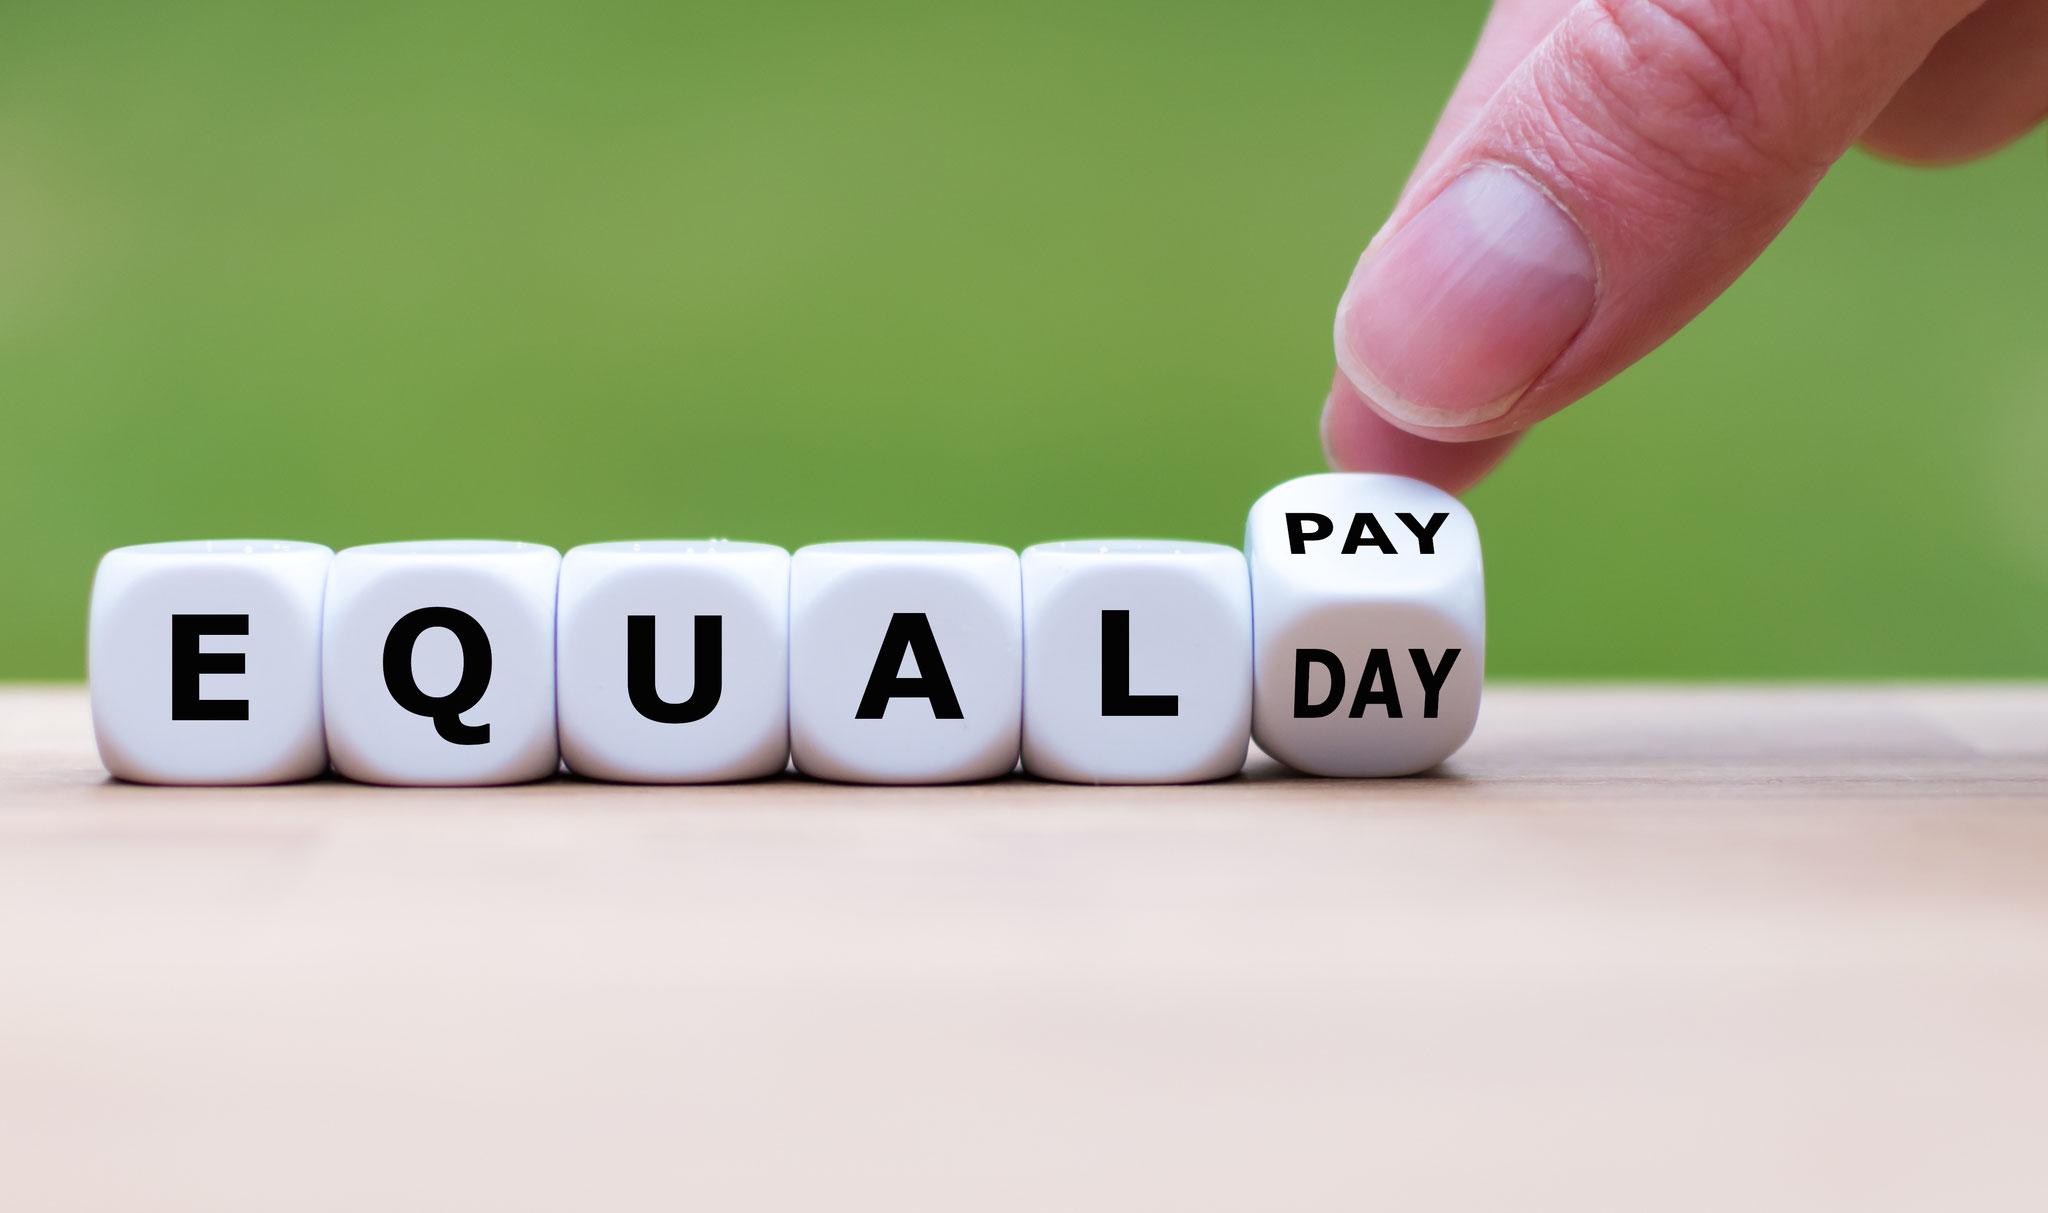 Am 17. März ist Equal Pay Day. Er erinnert daran, dass Frauen im Schnitt 21 Prozent weniger verdienen als Männer. Das sind umgerechnet 77 unbezahlte Arbeitstage. © Fokussiert, Adobe Stock